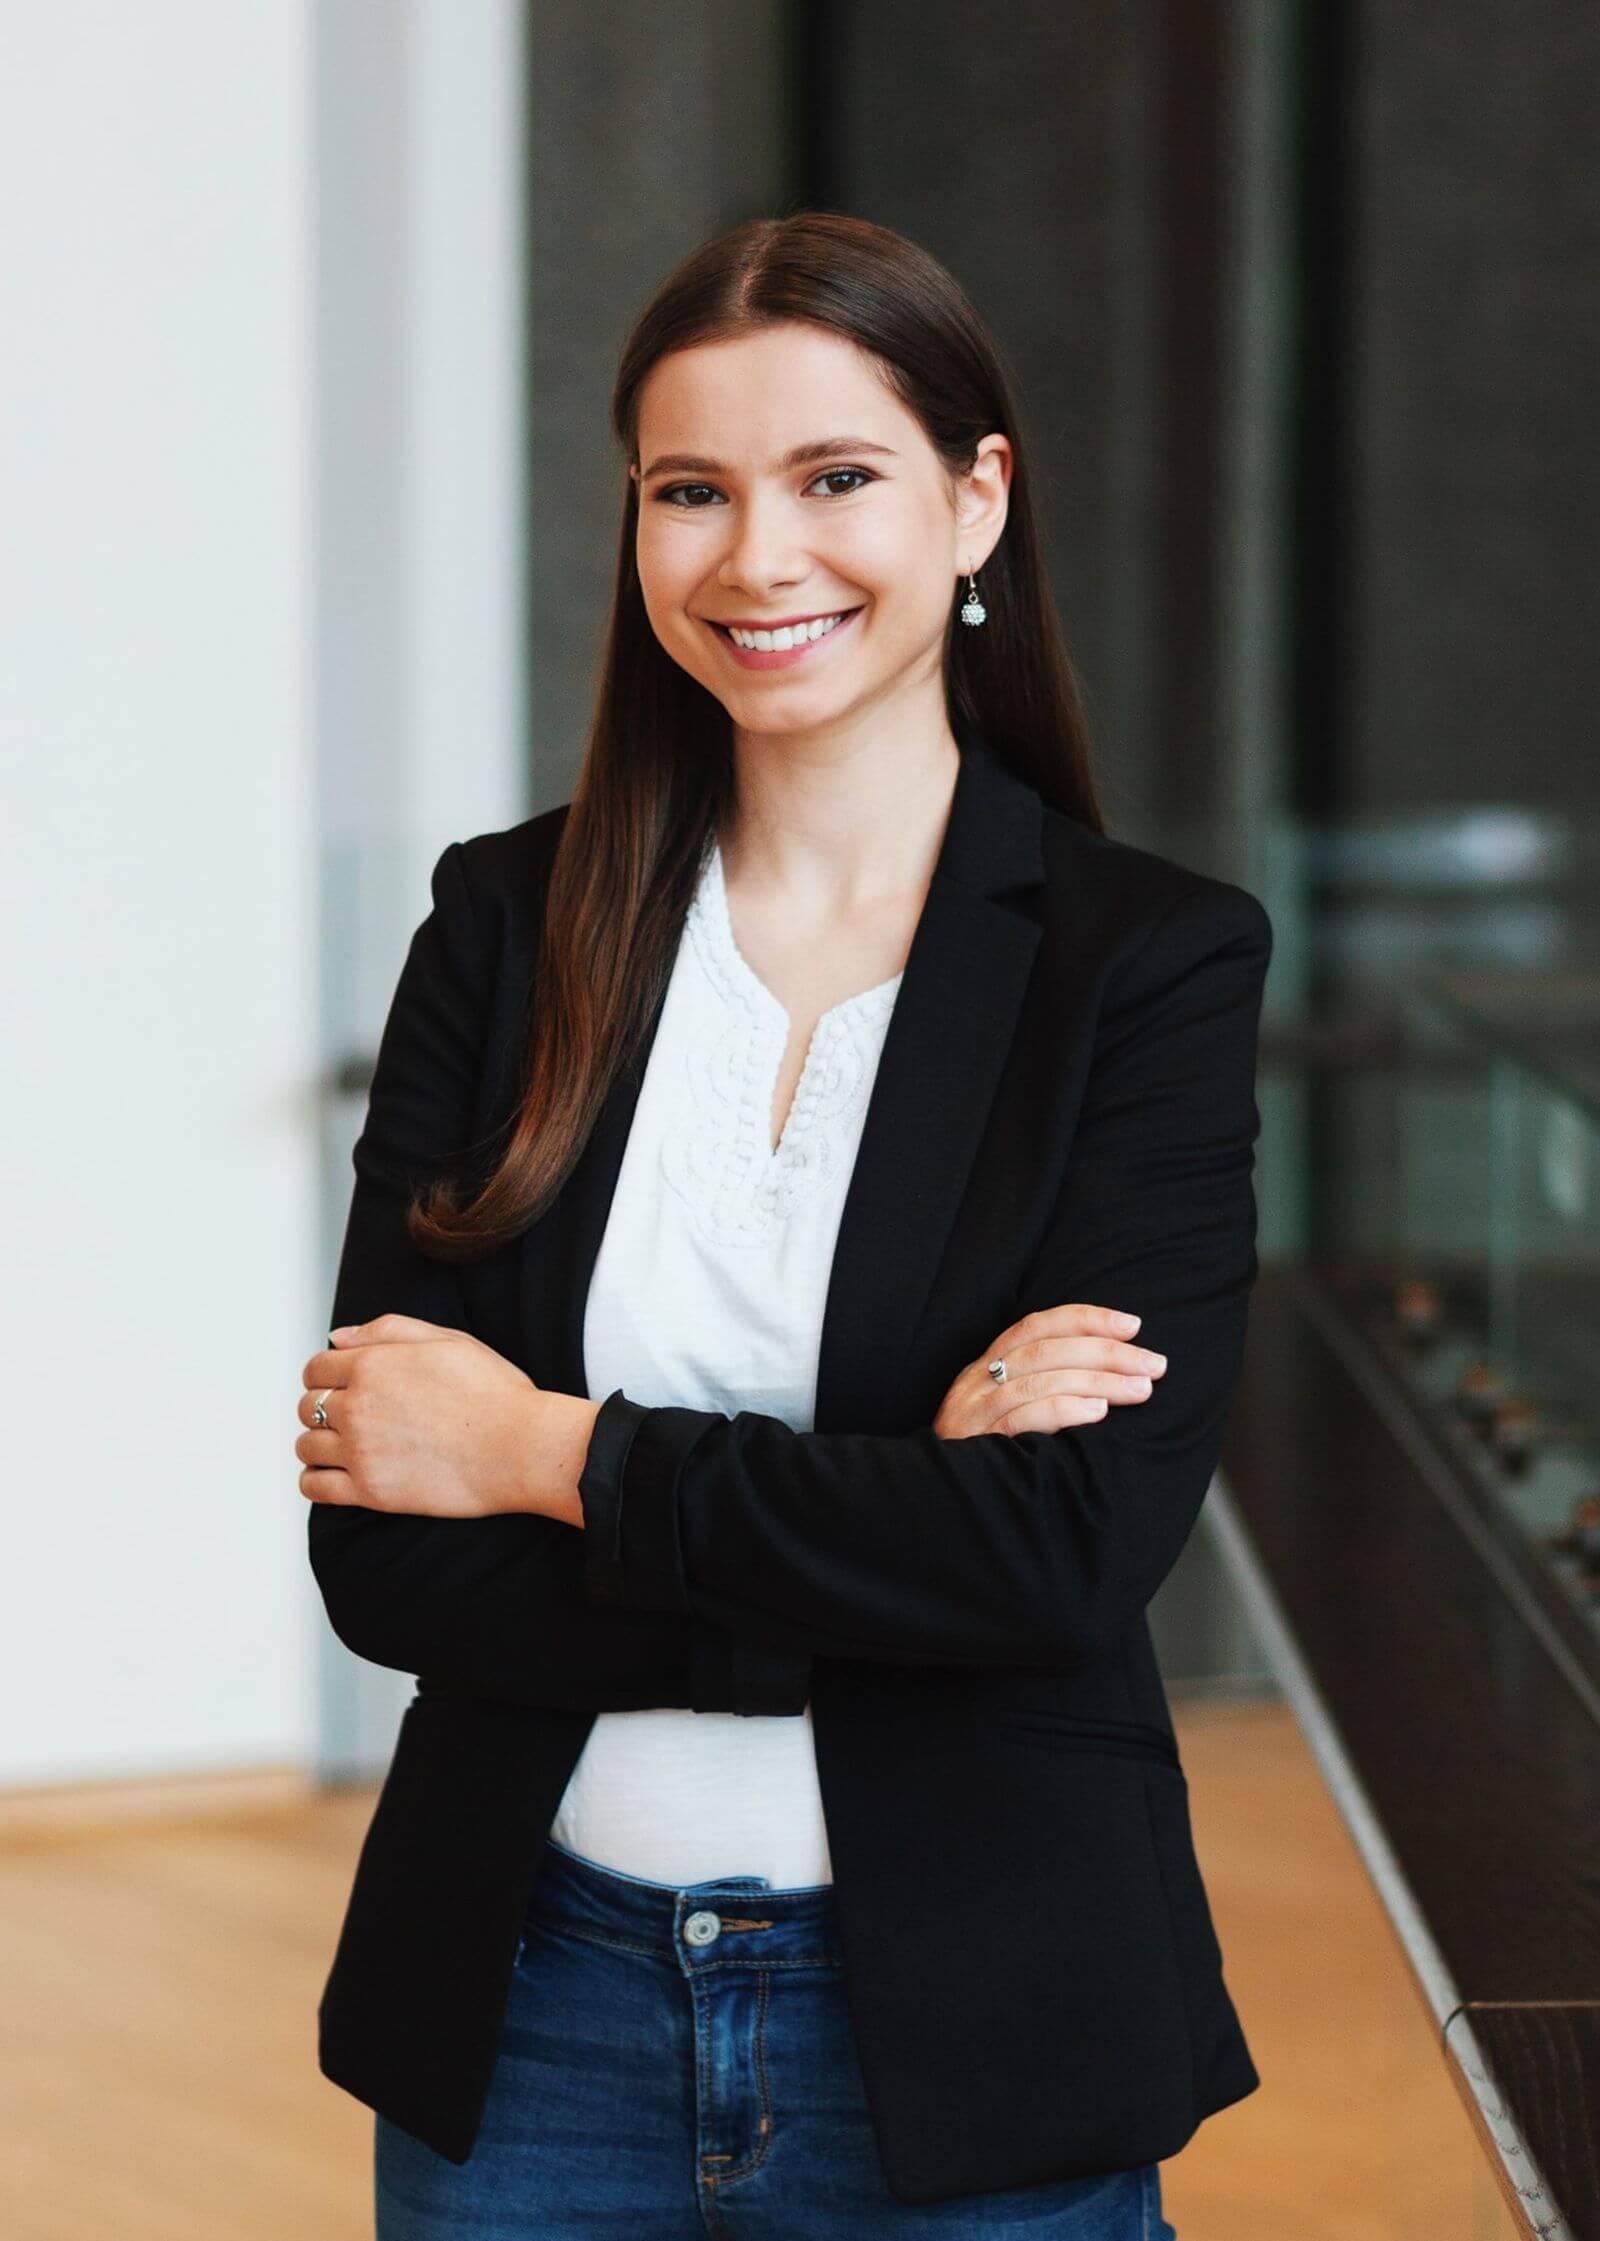 Sonya Gankina